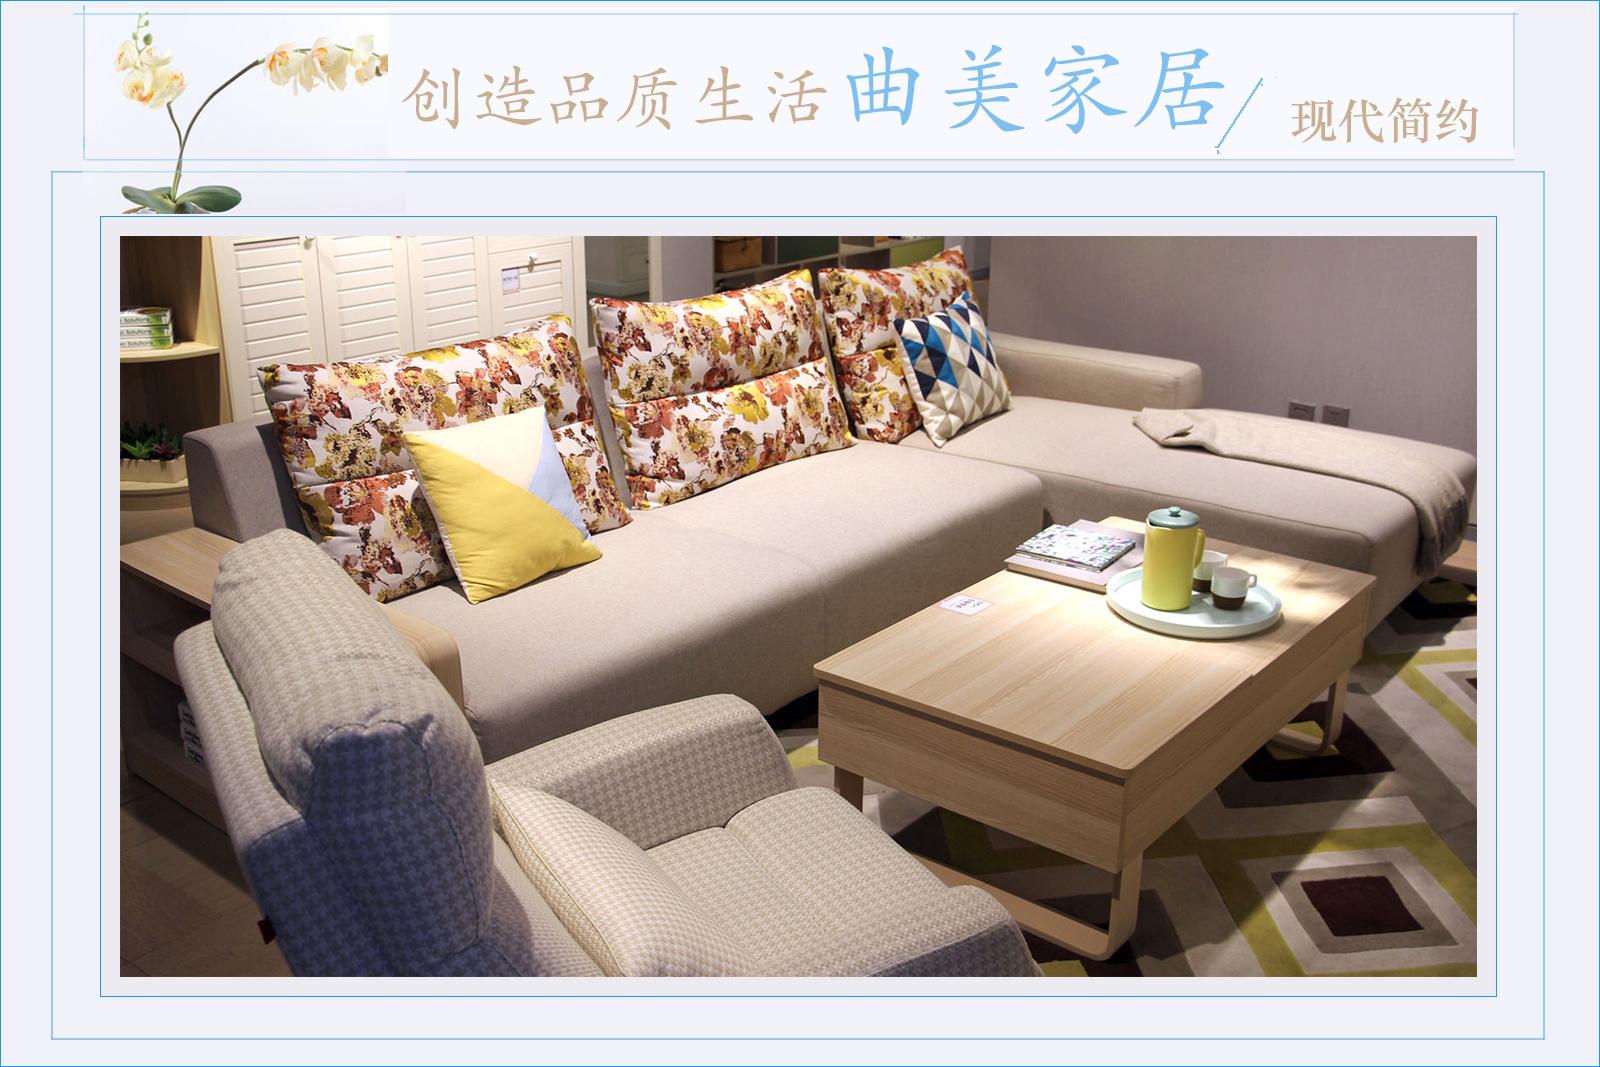 曲美现代简约家具缔造舒适暖心之家